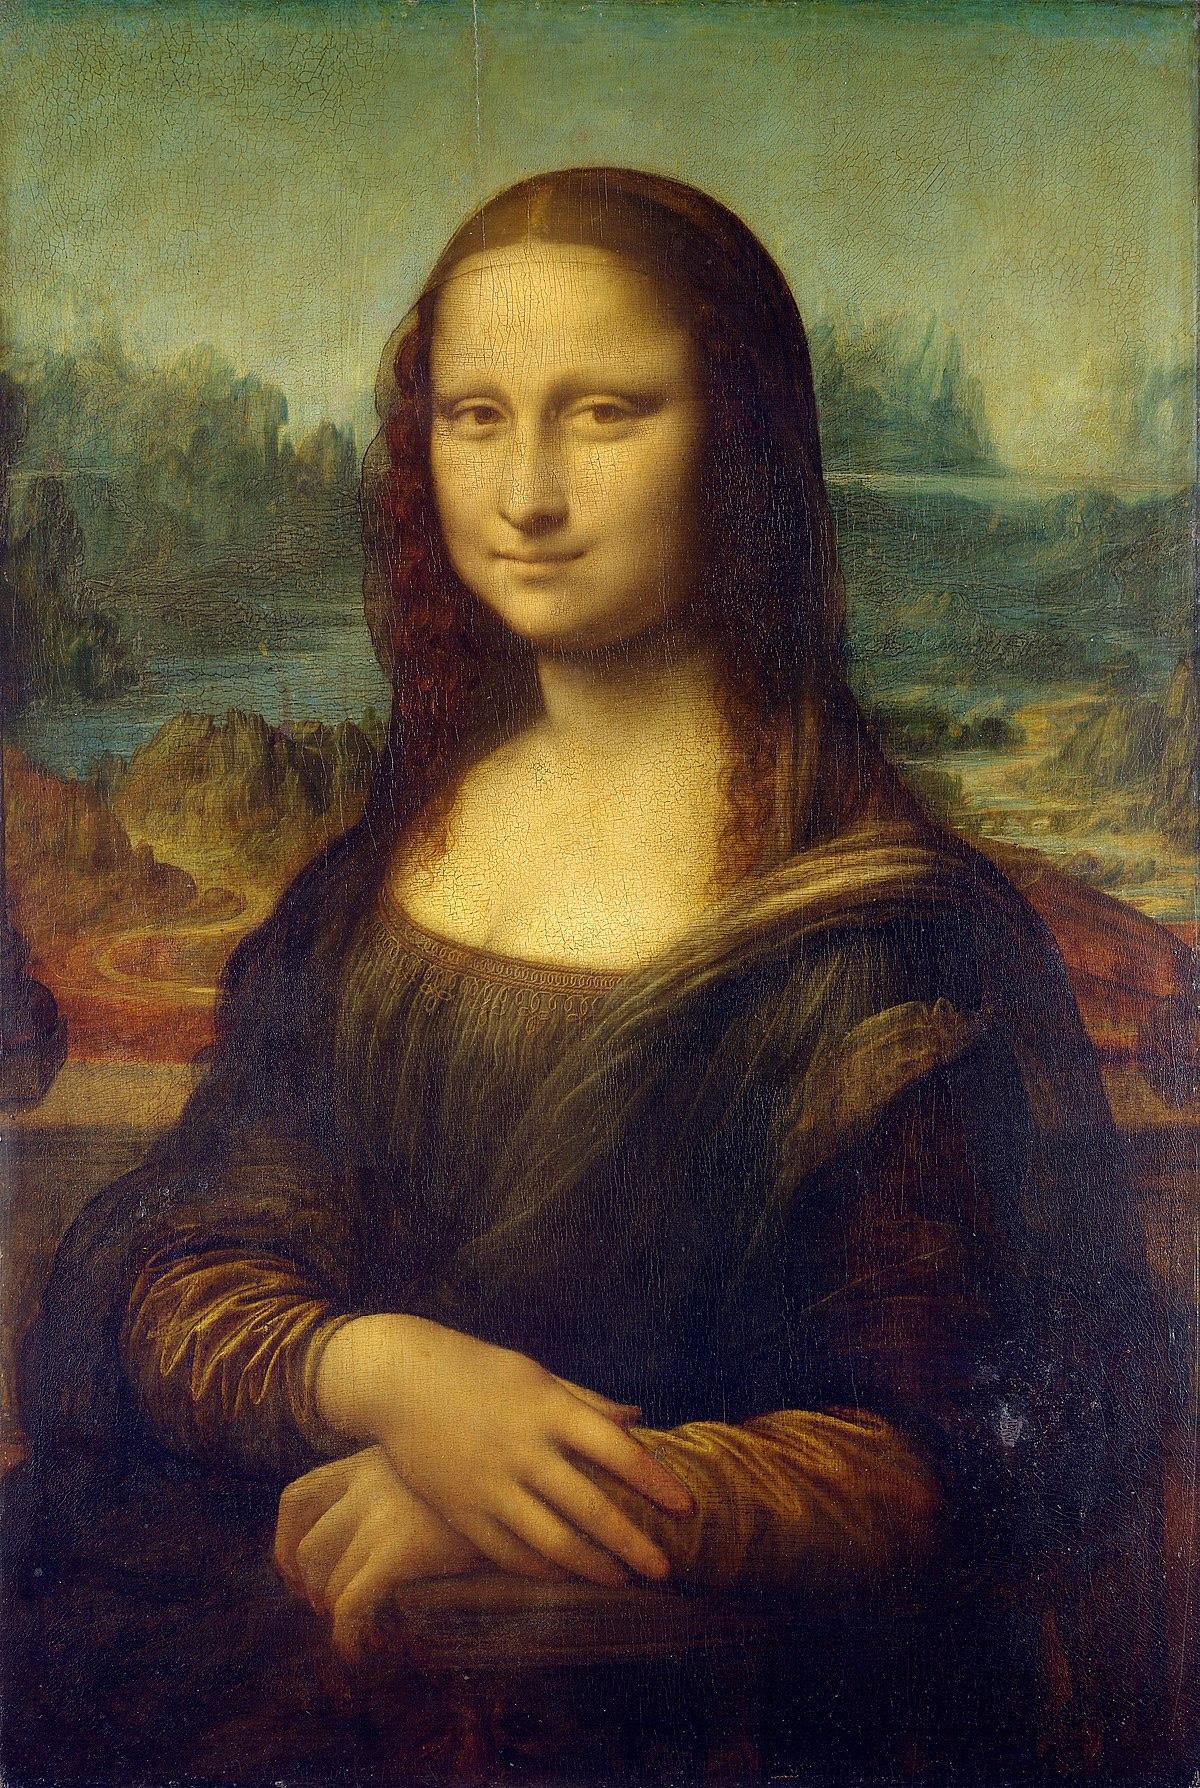 Cercasi critico d'arte